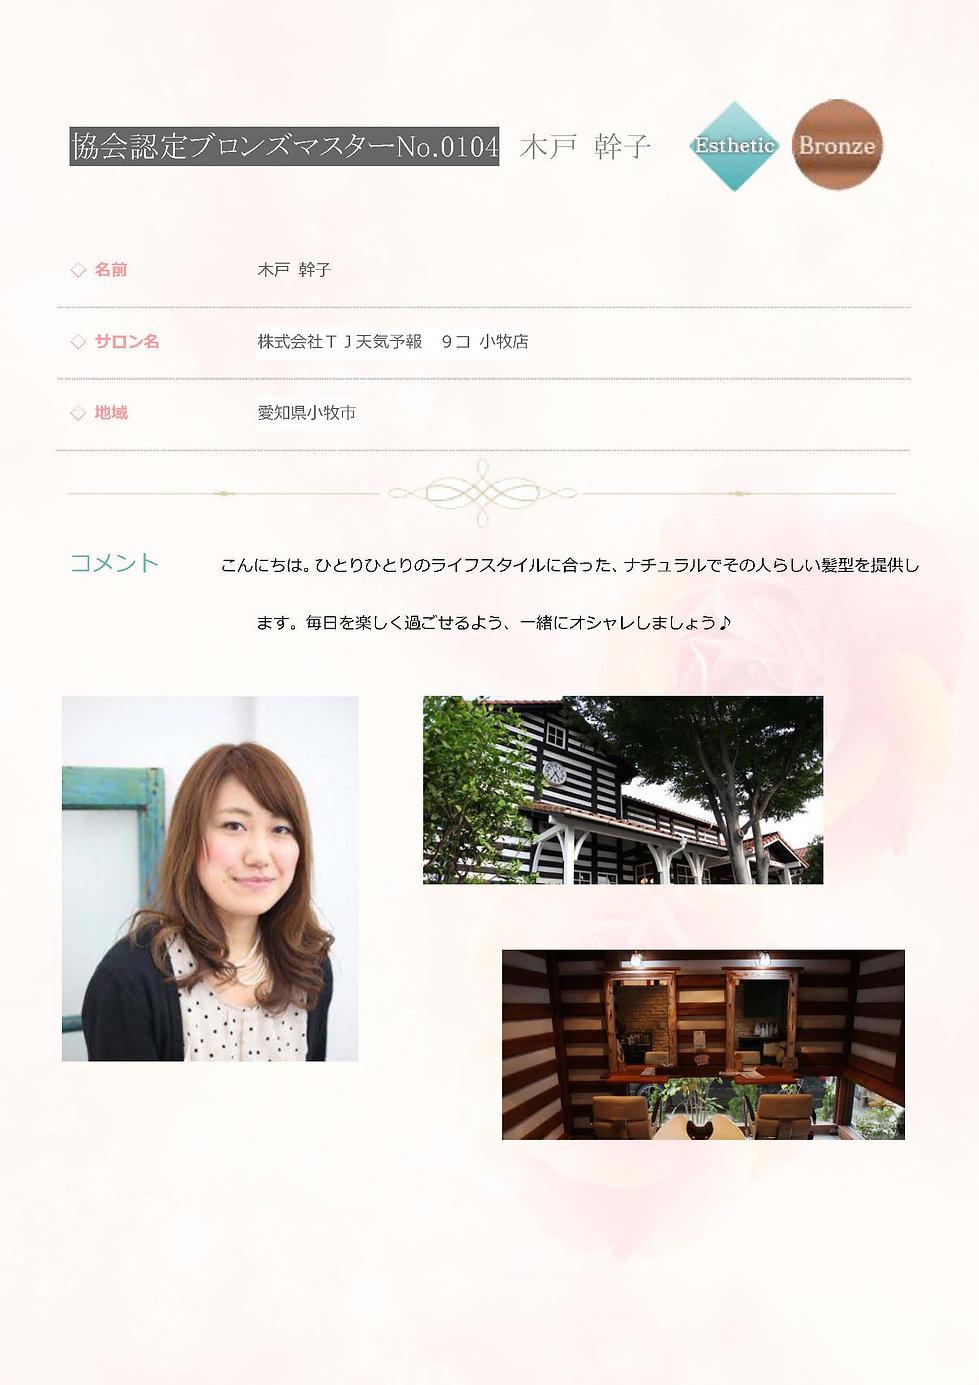 協会認定 ブロンズマスター エステ No0104 木戸 幹子